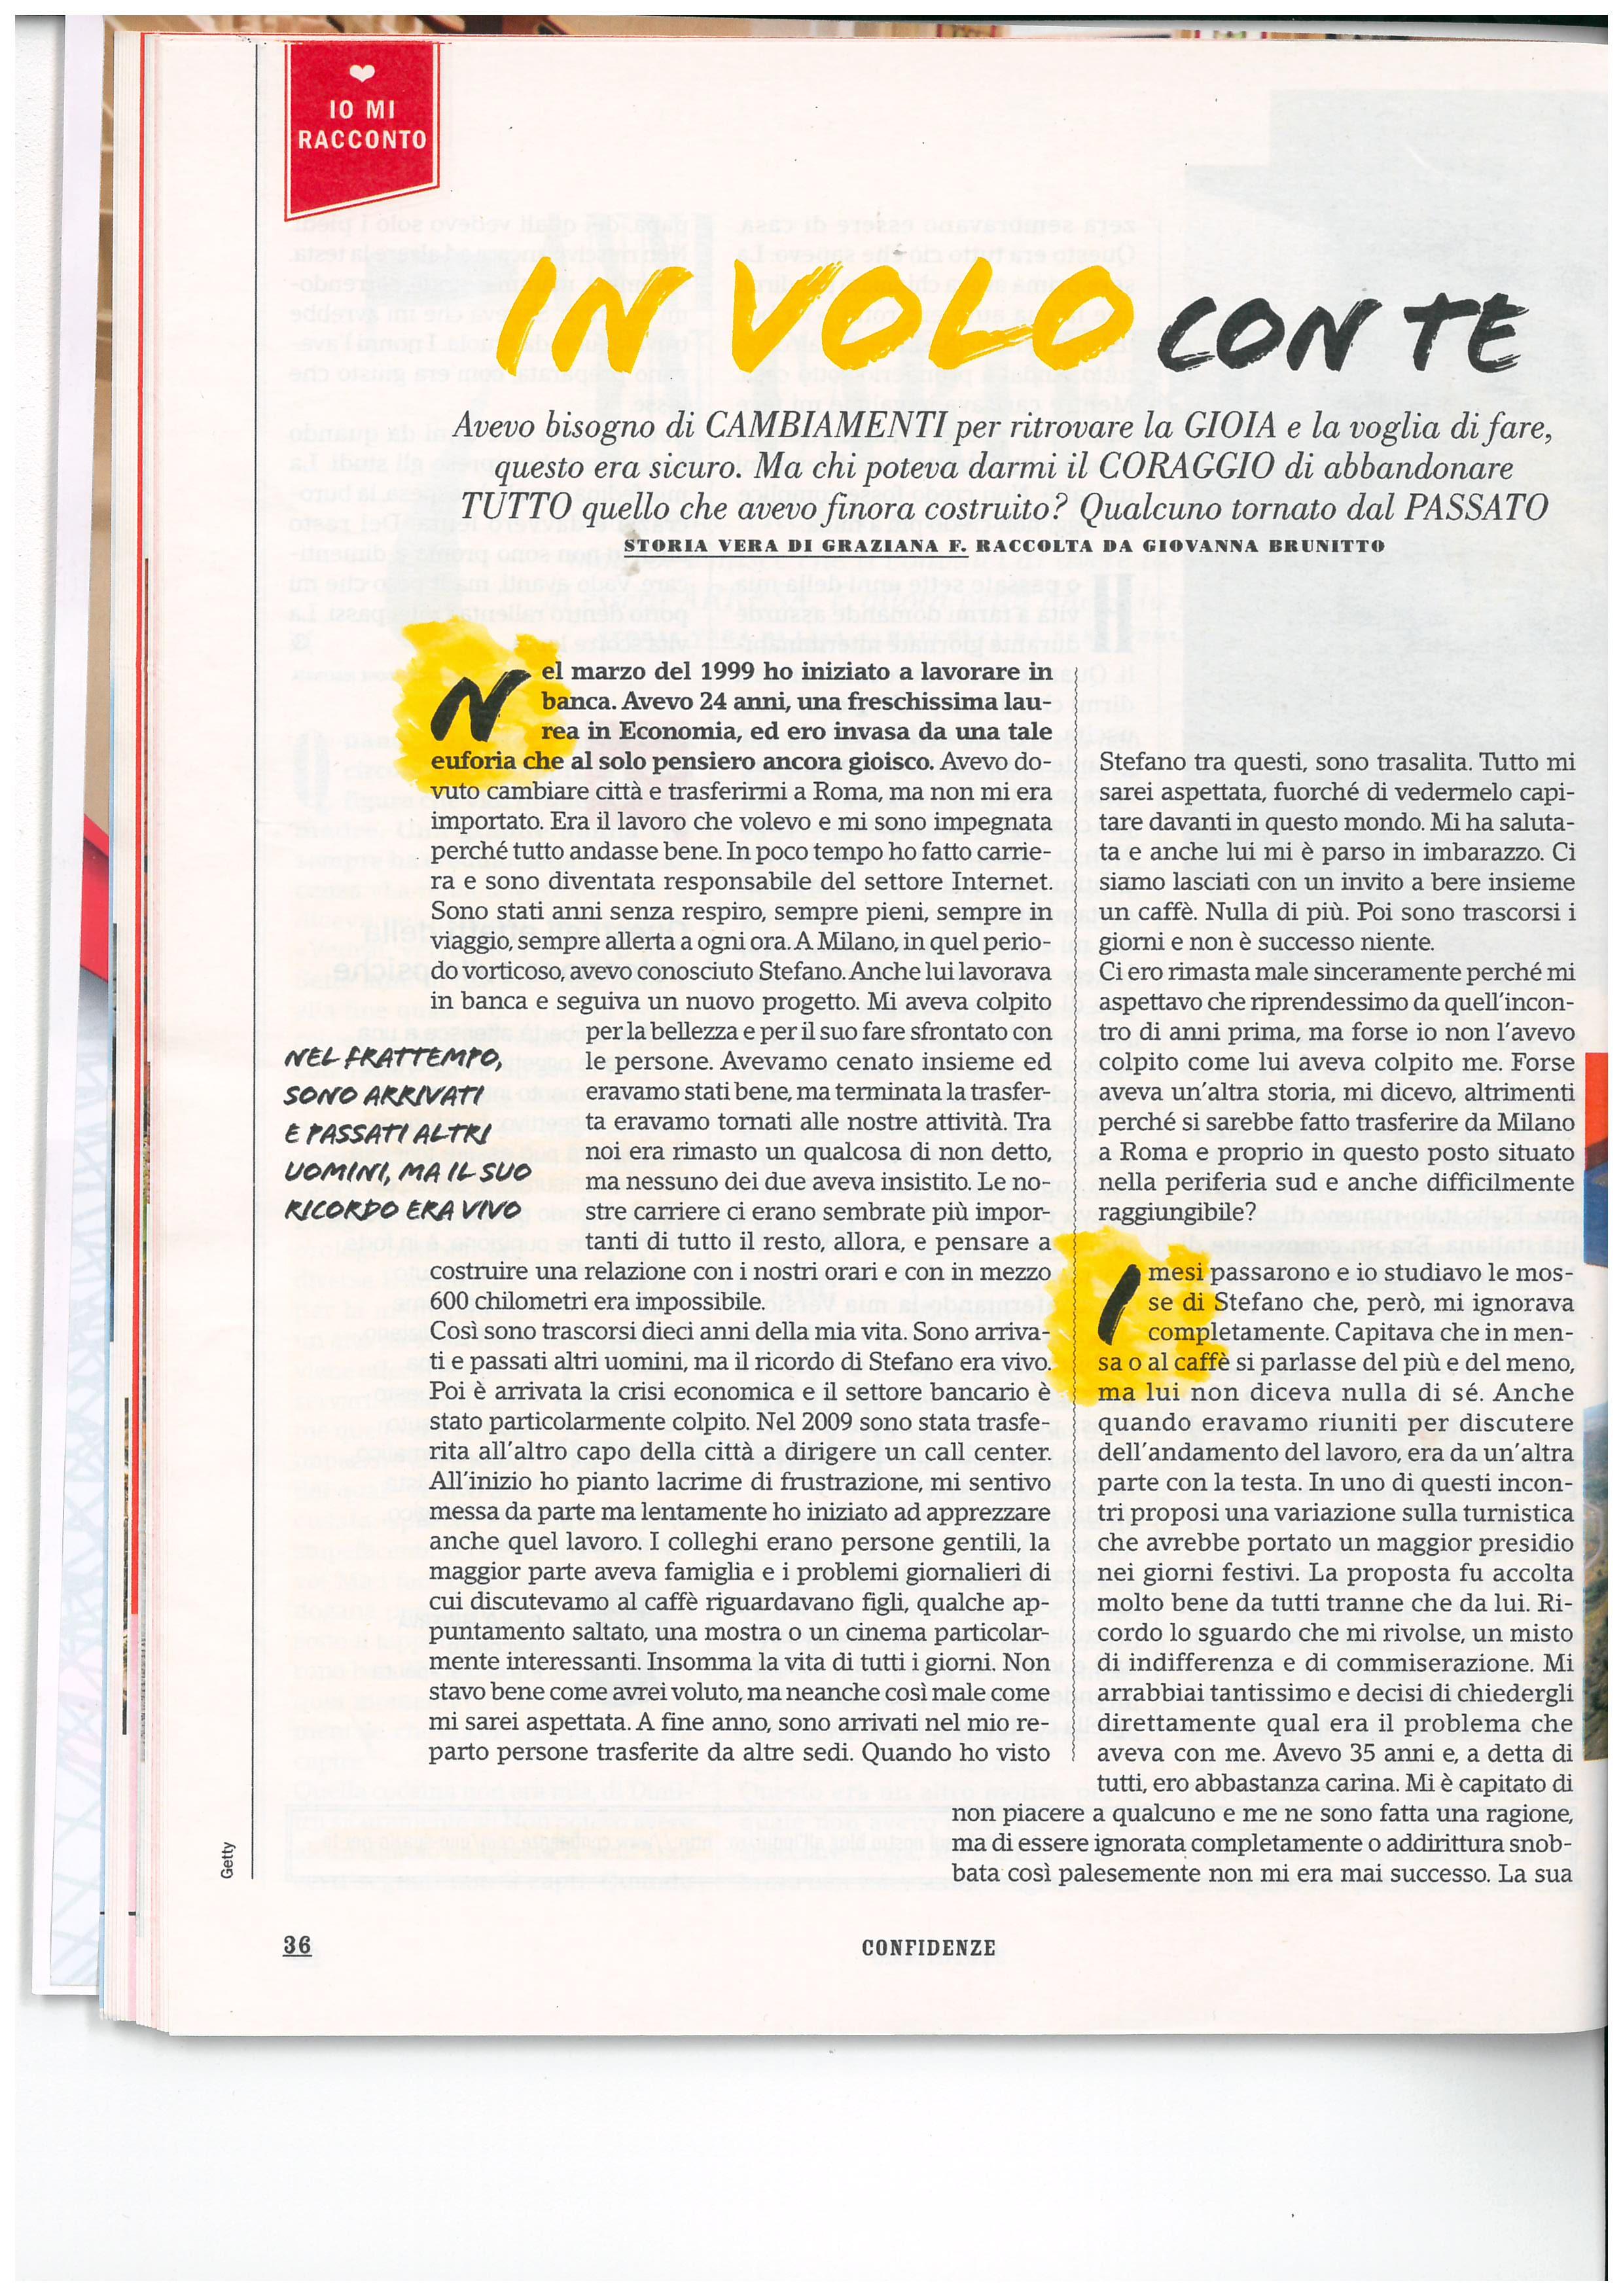 Storia di Graziana - Confidenze nr. 14 - pag. 36 Marzo 2017